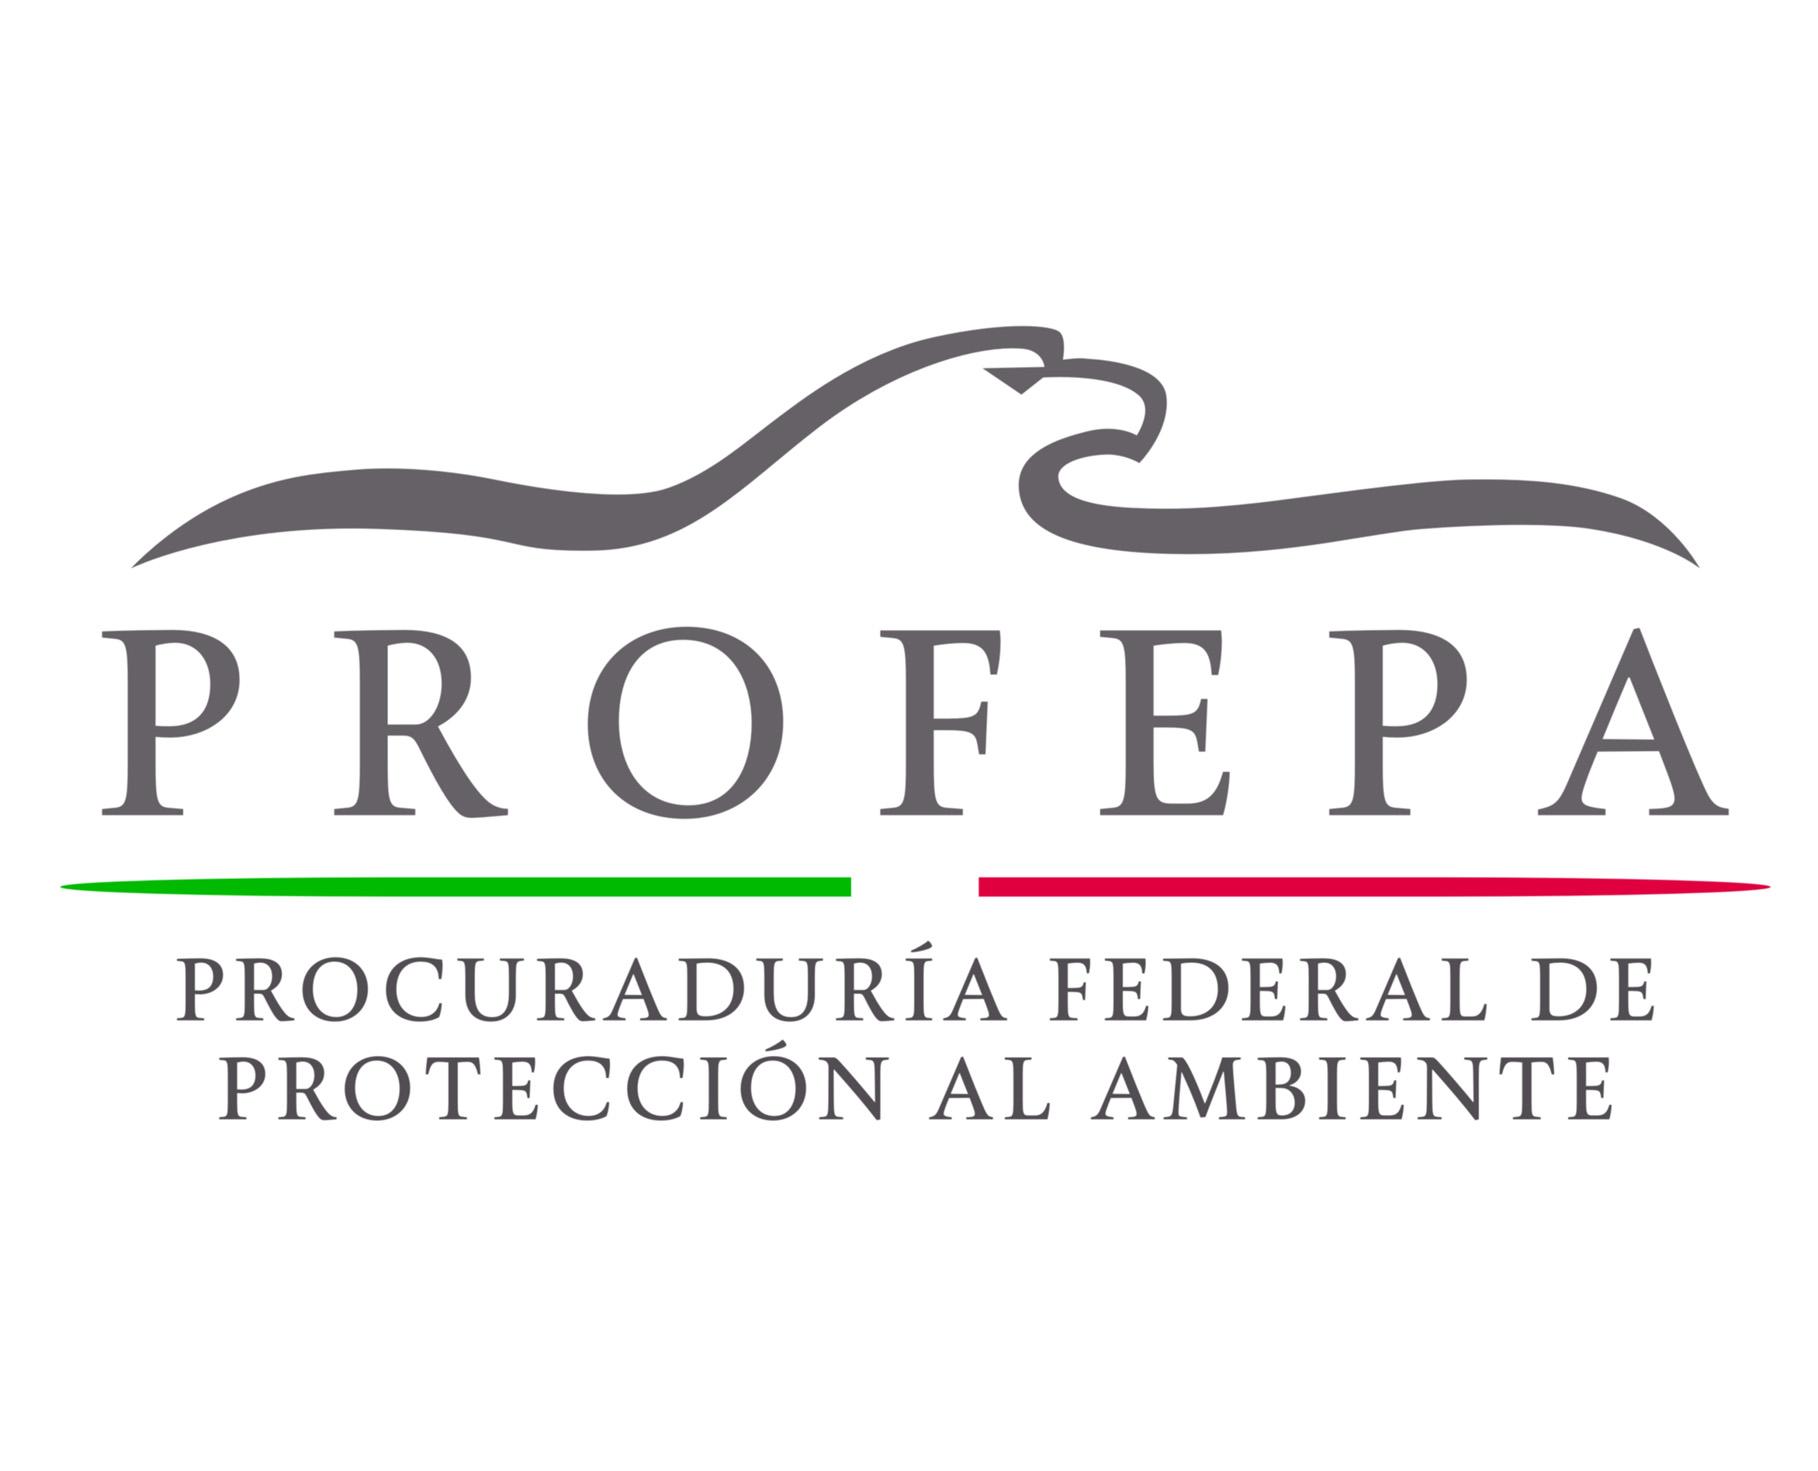 Profepa inspecciona 69 empresas por contingencia ambiental